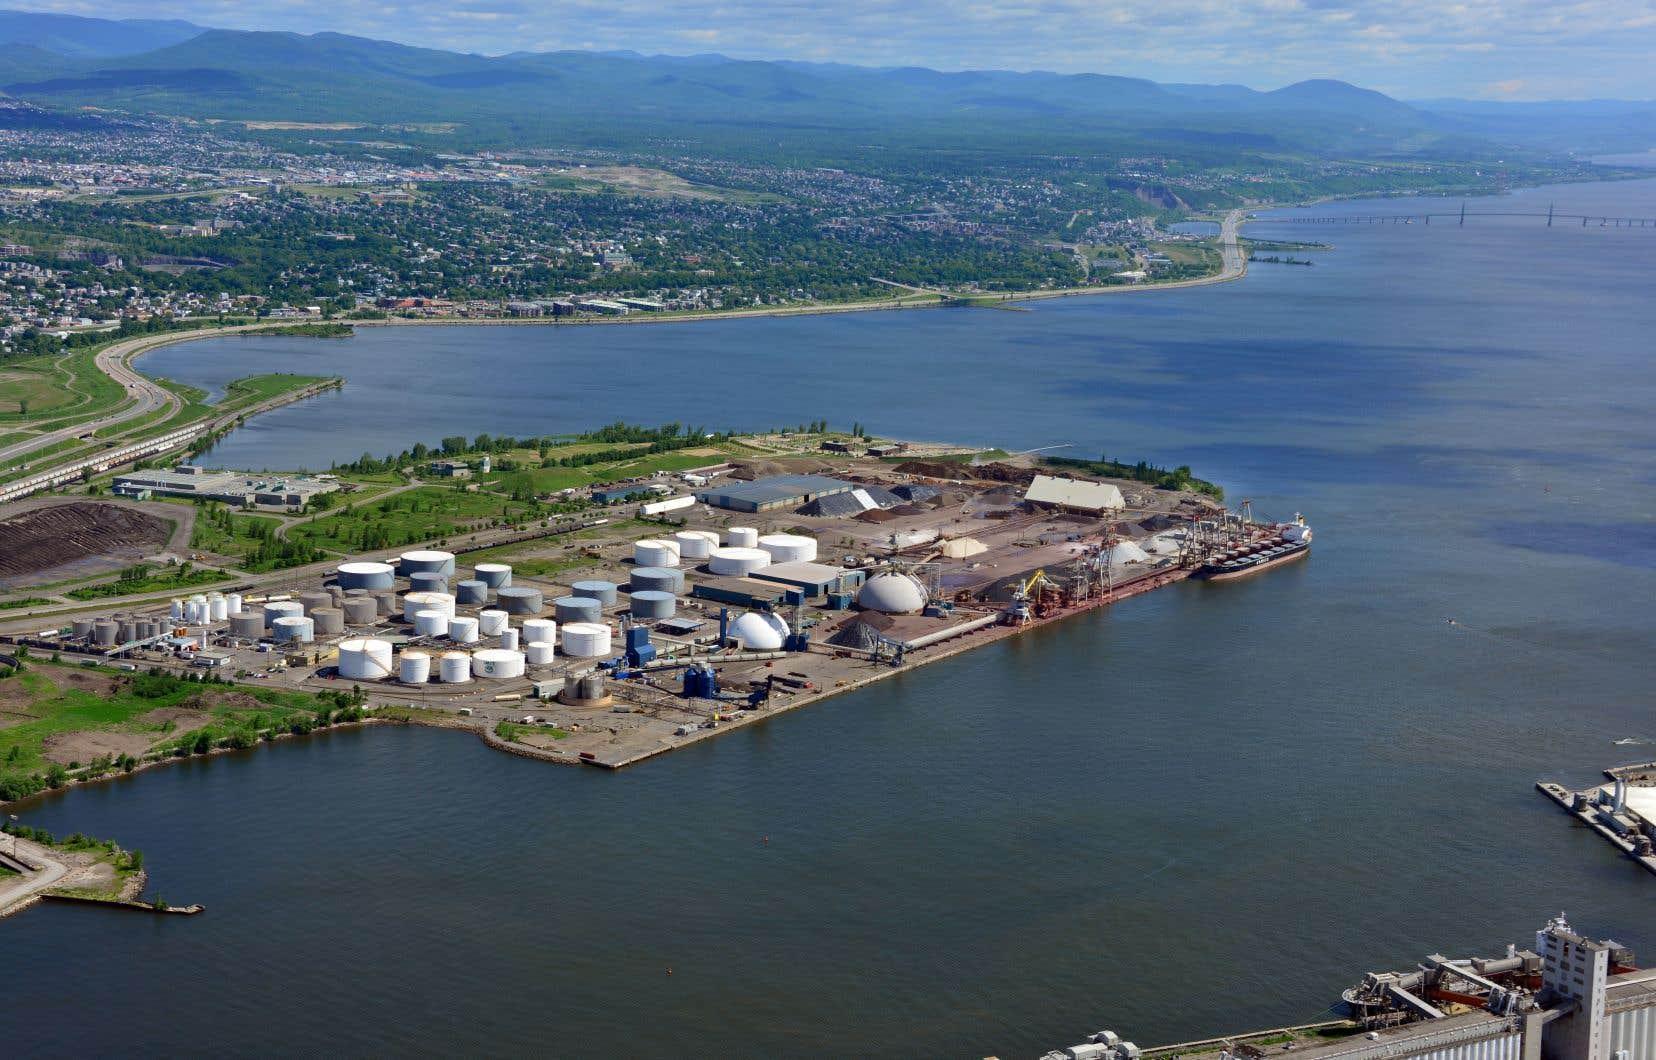 La «zone d'innovation du redéveloppement du Littoral Est» vise à décontaminer et à revitaliser des terrains vacants le long du fleuve pour y attirer des entreprises de pointe. D'une superficie totale de 3,9 km2, ces terrains s'étirent de la zone portuaire jusqu'à la chute Montmorency.